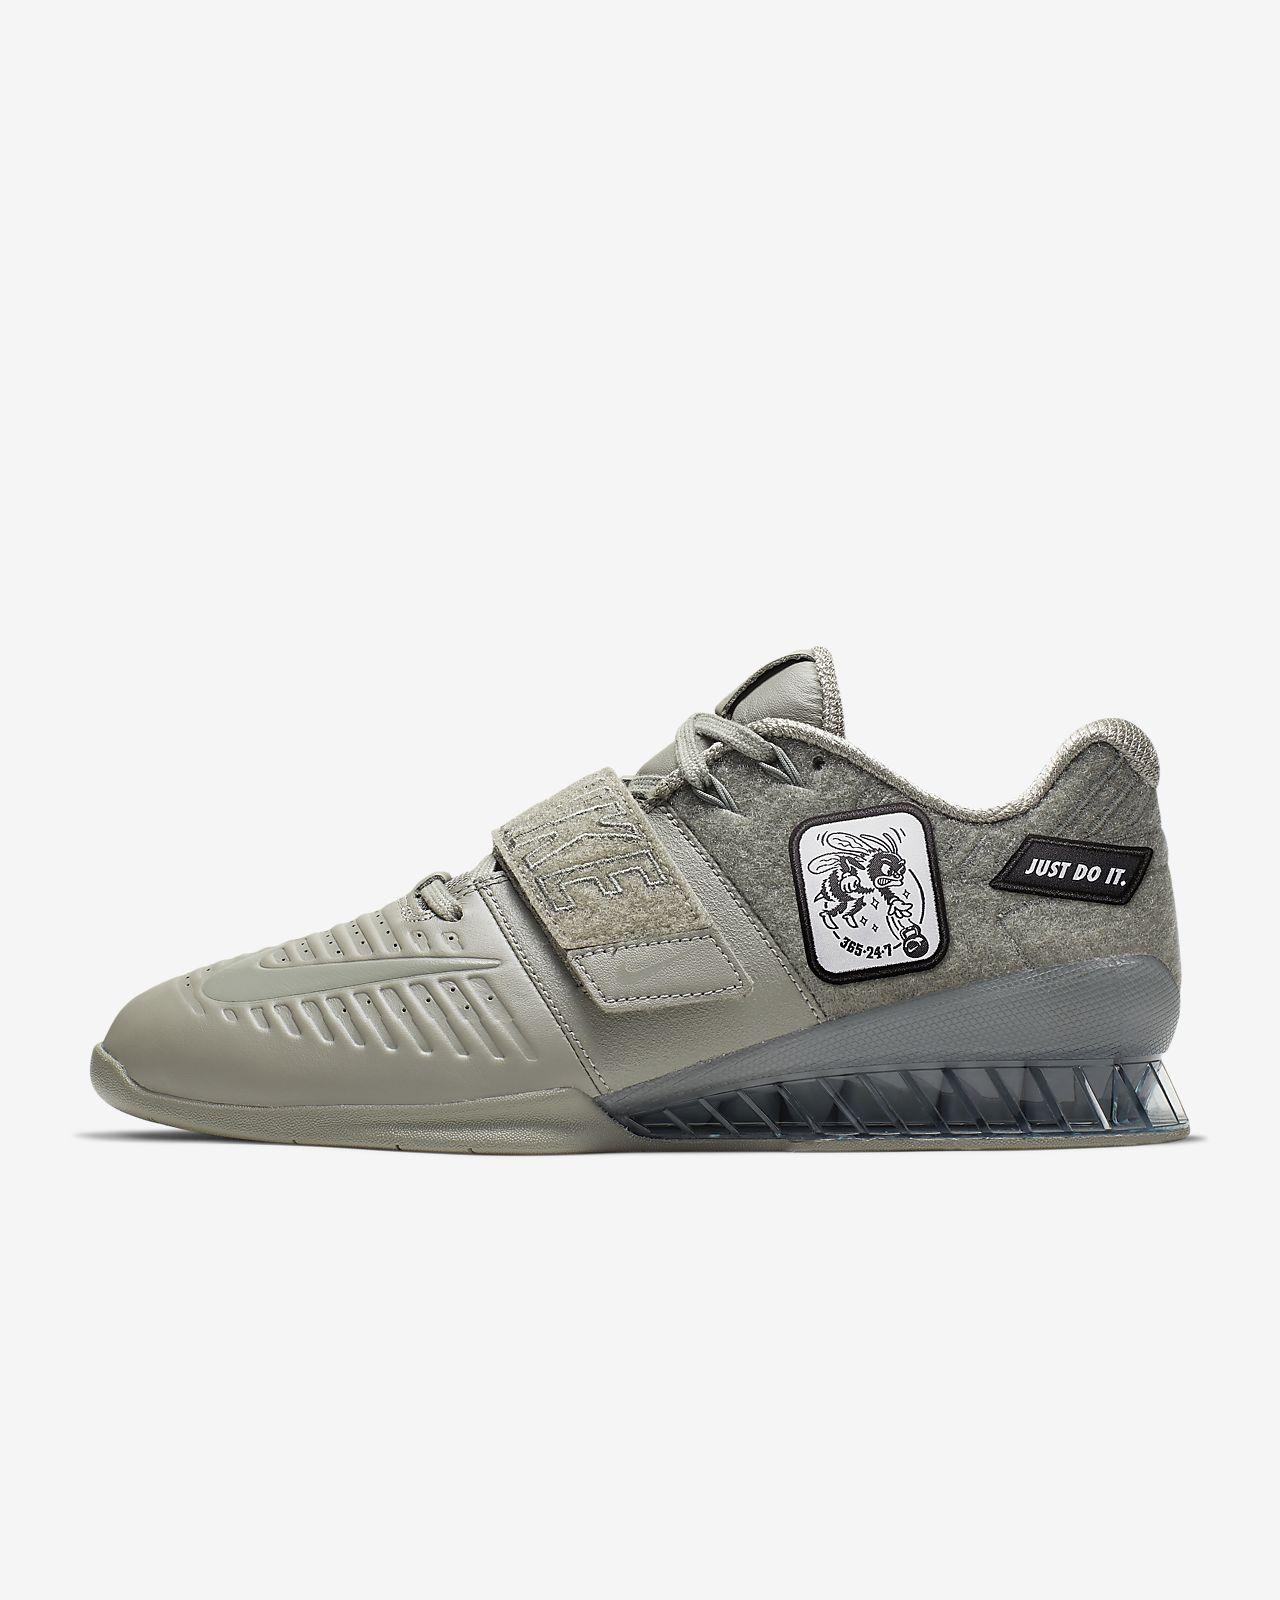 Παπούτσι προπόνησης Nike Romaleos 3 XD Patch